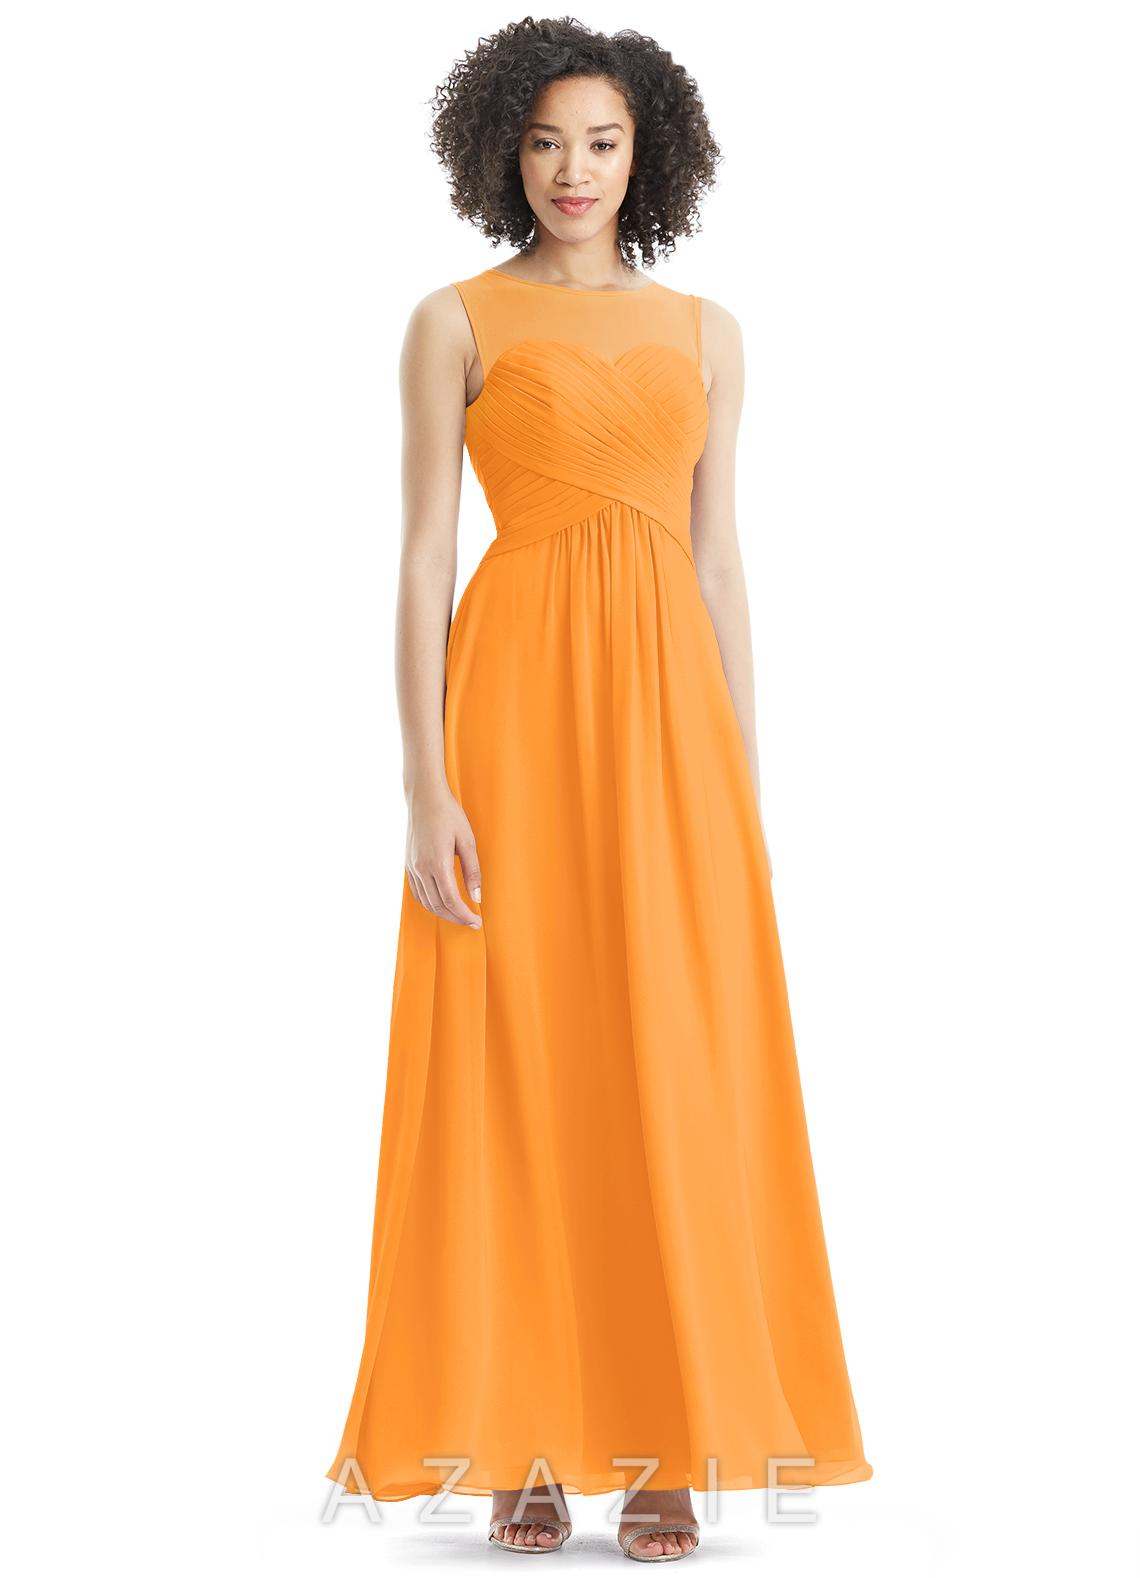 abb3f9c4747 Azazie Gigi Bridesmaid Dresses